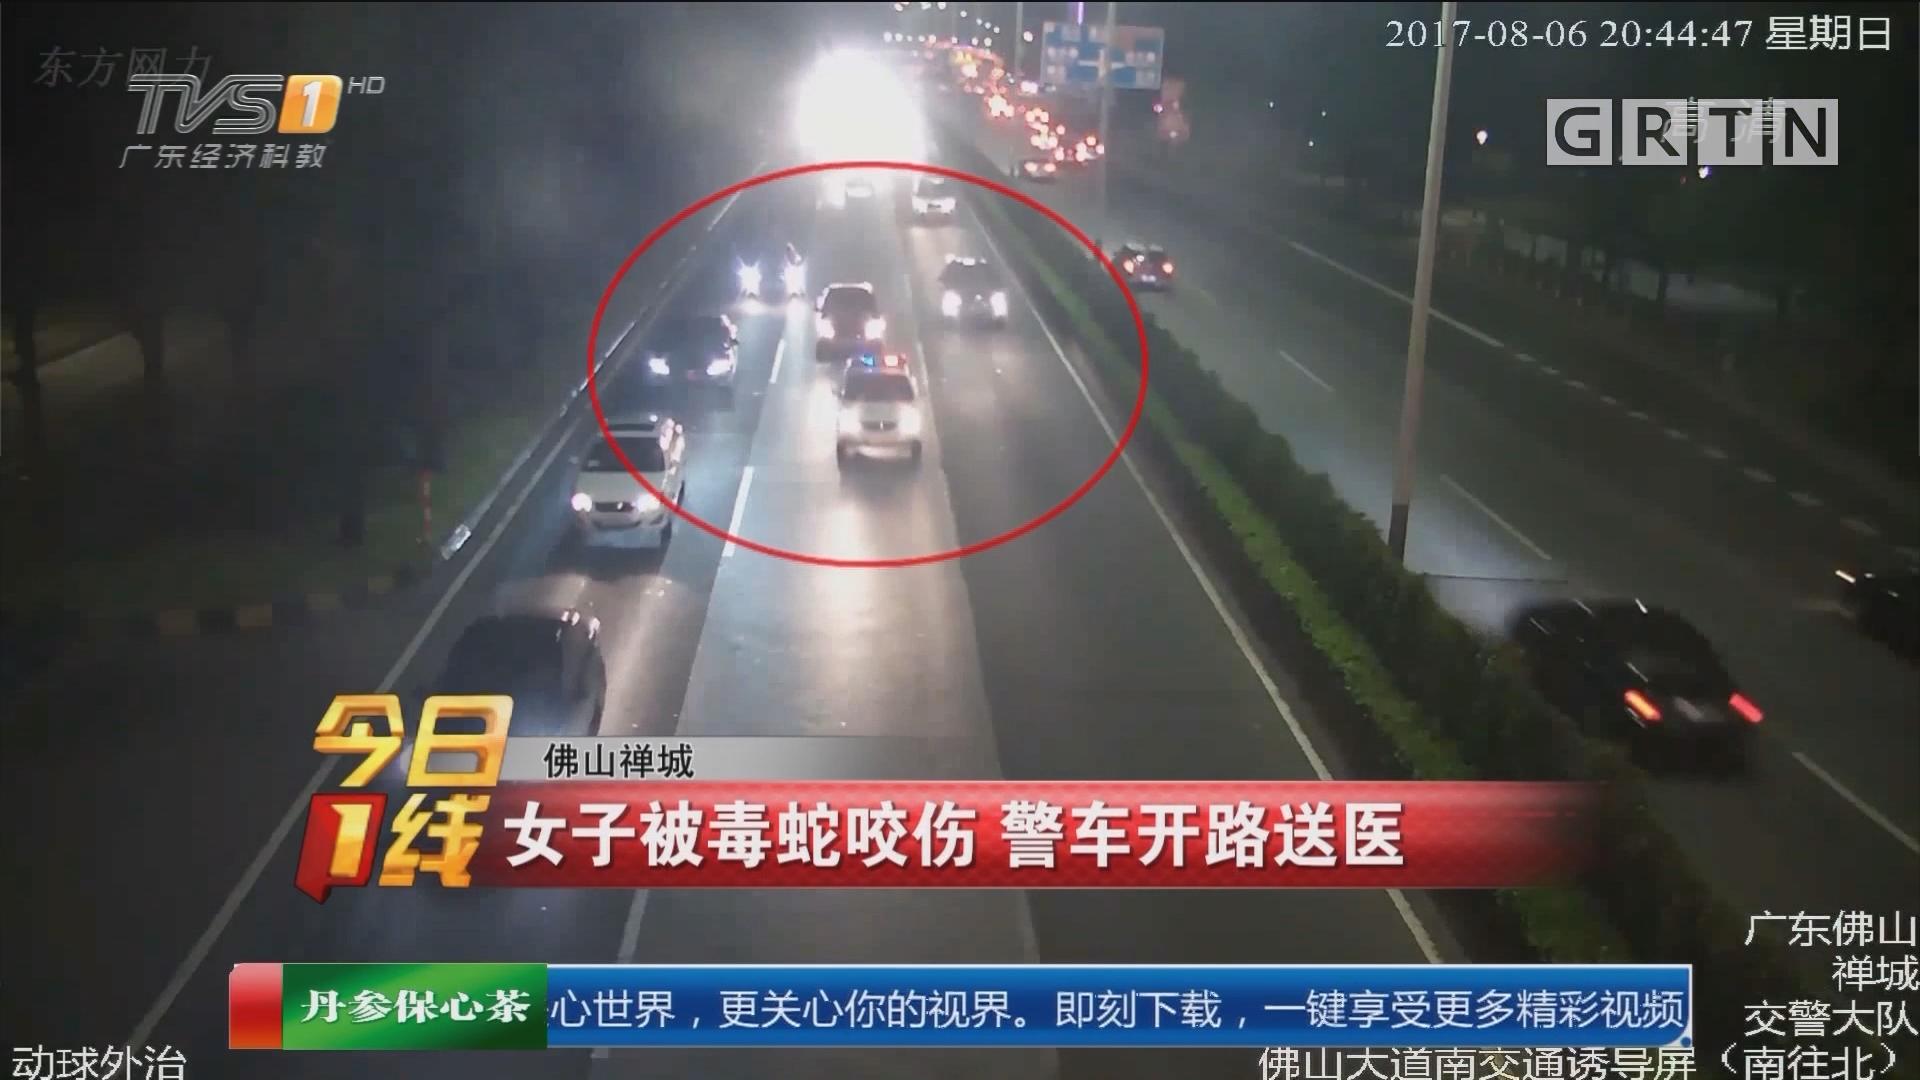 佛山禅城:女子被毒蛇咬伤 警车开路送医